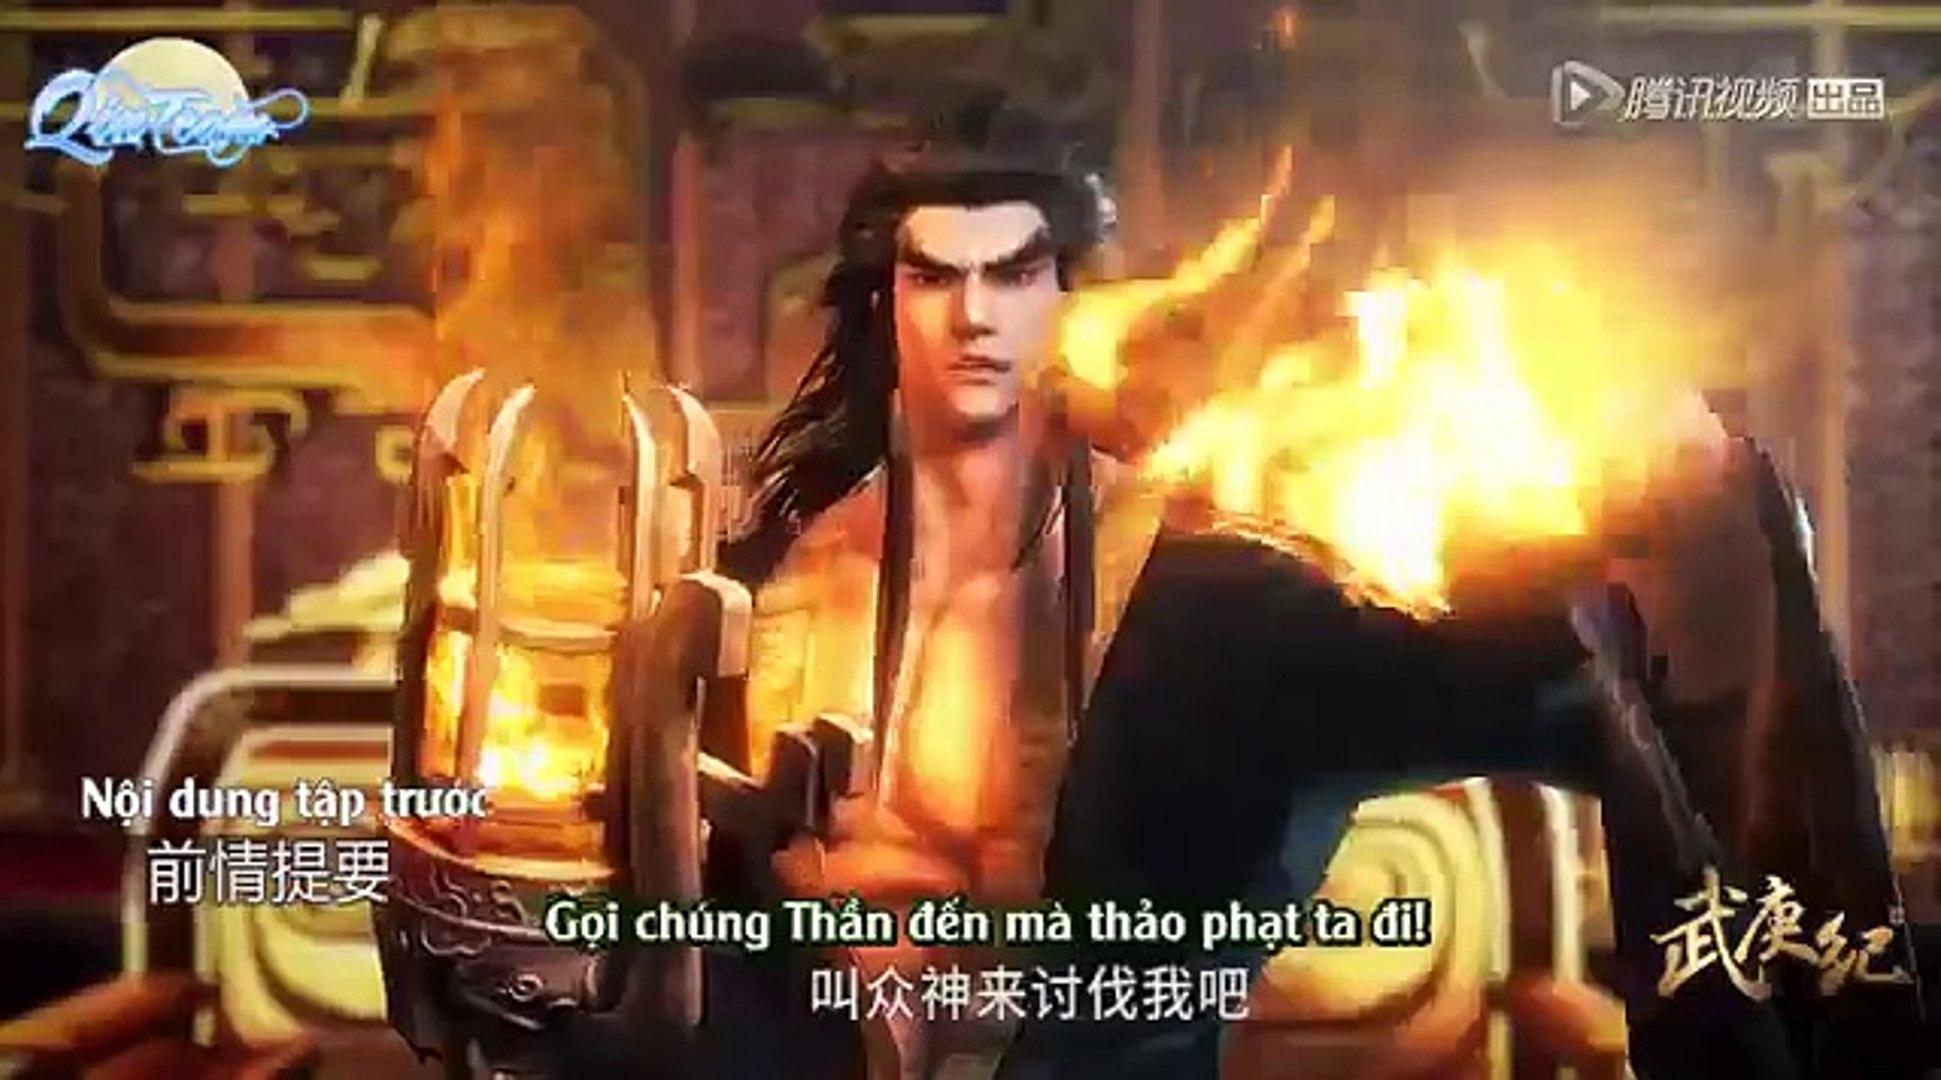 Phim Hoạt Hình Vũ Canh Kỷ phần 1 Tập 2 FULL- Nghịch Thiên Chi Quyết (2016) Wu Geng Ji | Phim Hoạt Hì